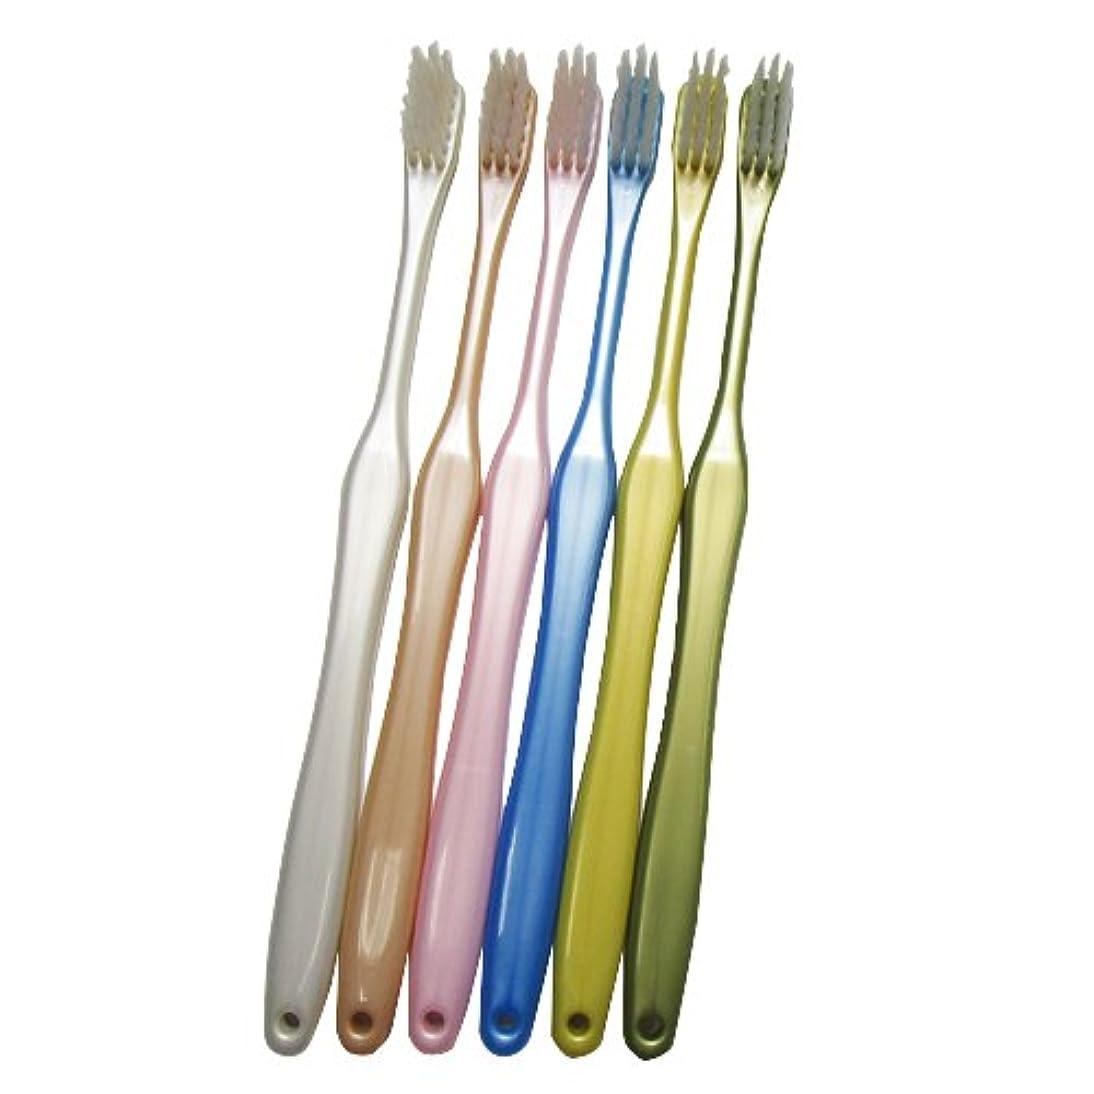 上下するせっかち抵当歯ブラシ職人 田辺重吉考案 磨きやすい歯ブラシ 先細 お試し1本セット(カラーはおまかせ)